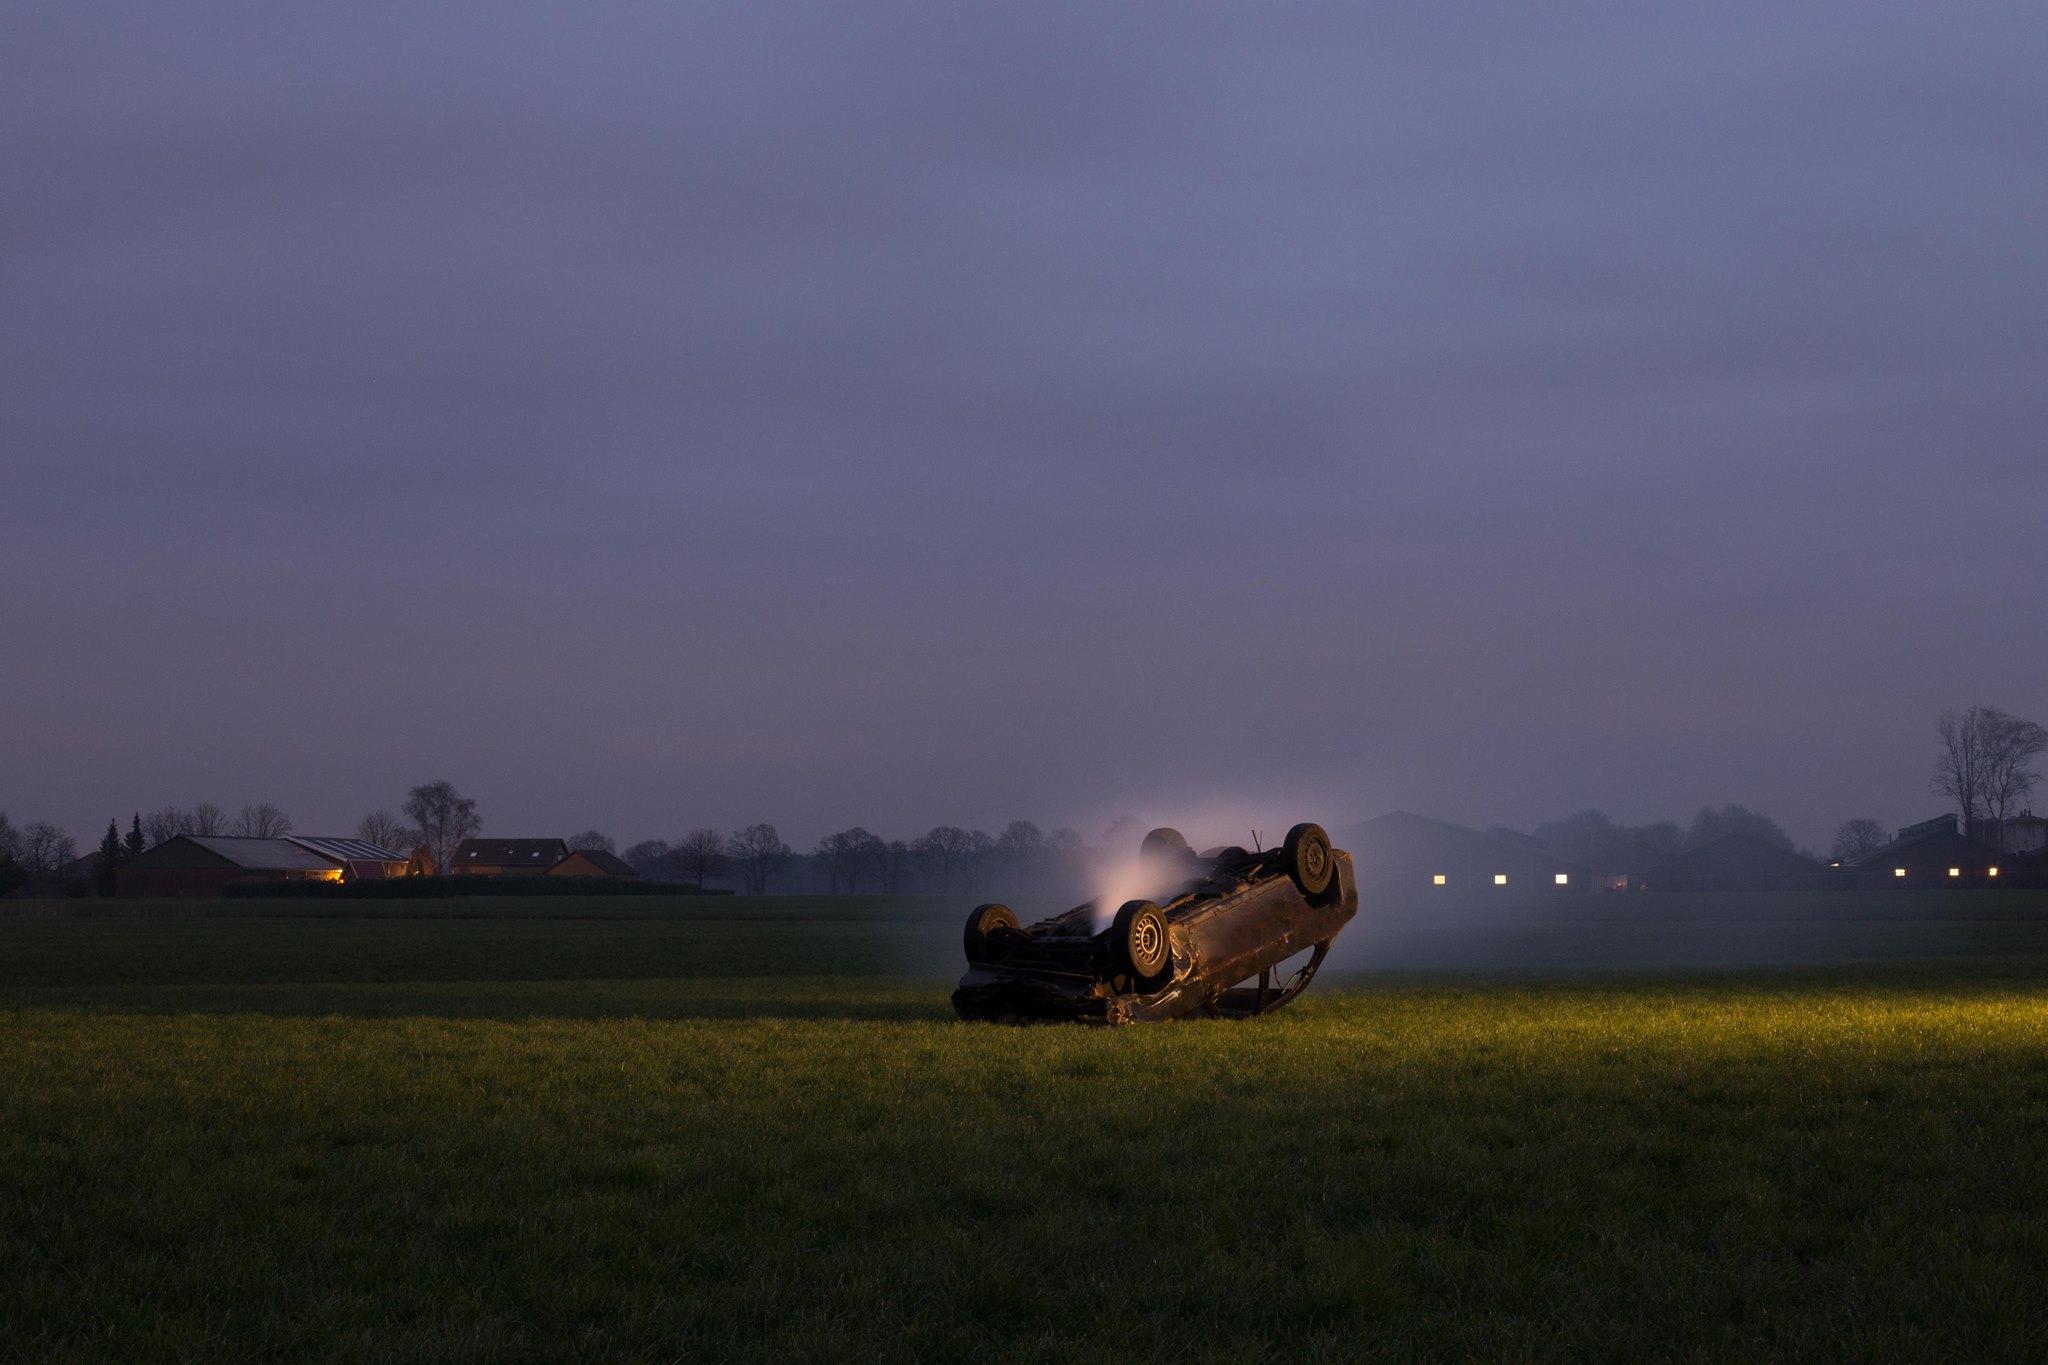 DARK TOURISM   Een project in samenwerking met Eline van der Kaa voor de politie Groningen. Mensen letten niet meer op het verkeer en zijn alleen maar bezig met het vastleggen van het ongeluk achter het stuur. Alles moet worden gefilmd, gefotografeerd en op sociale media worden geplaatst. Is laten zien wat we doen, waar we zijn en wat we mee maken het belangrijkste in ons dagelijkse leven geworden?